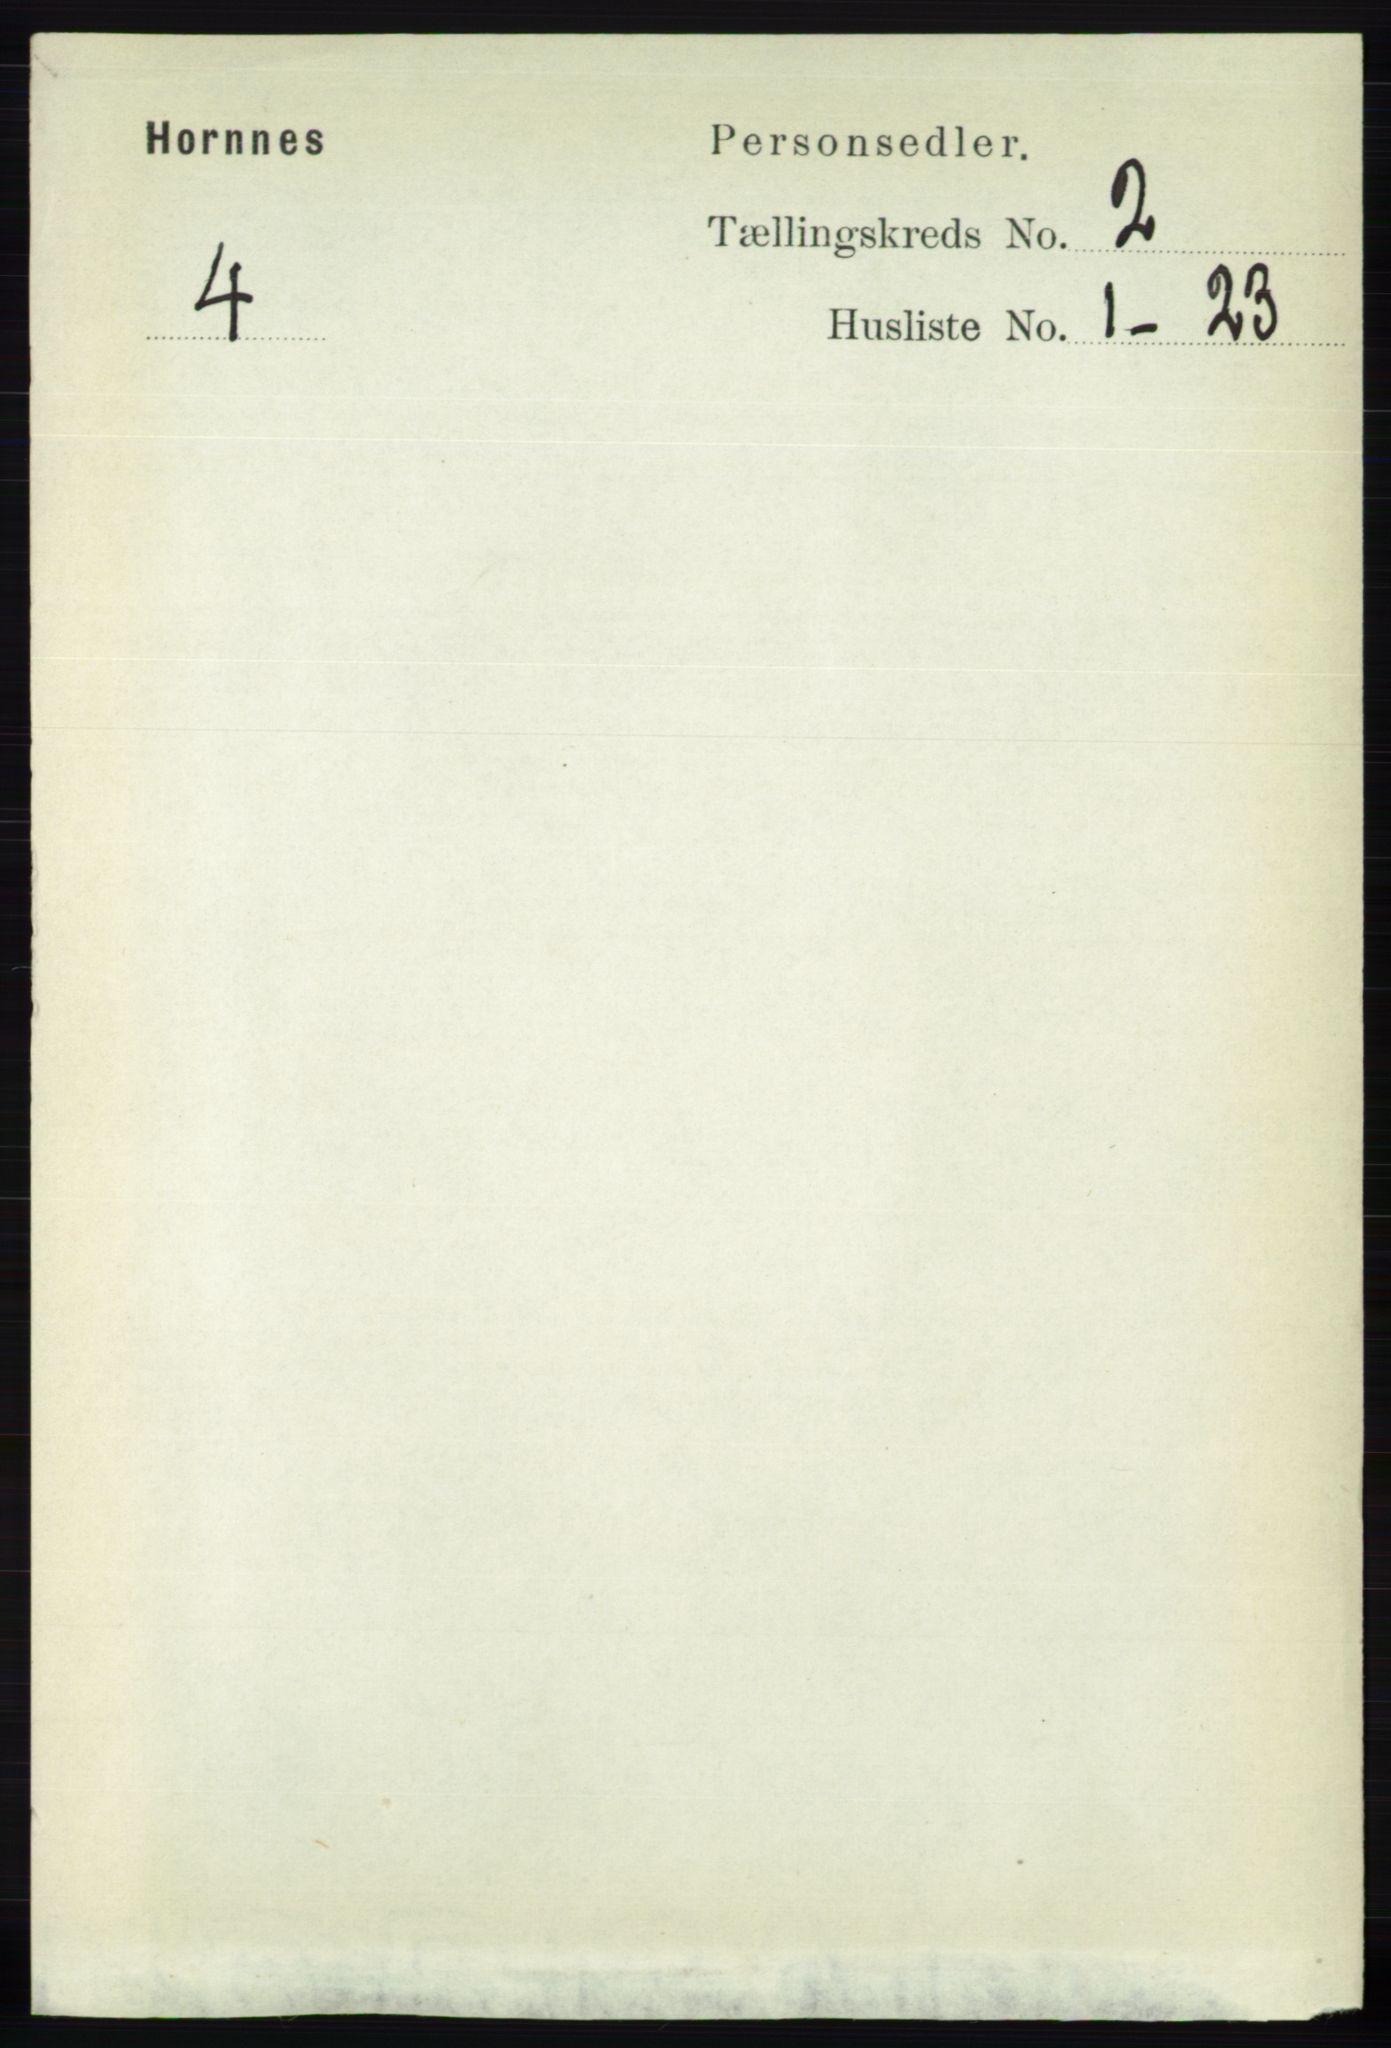 RA, Folketelling 1891 for 0936 Hornnes herred, 1891, s. 217